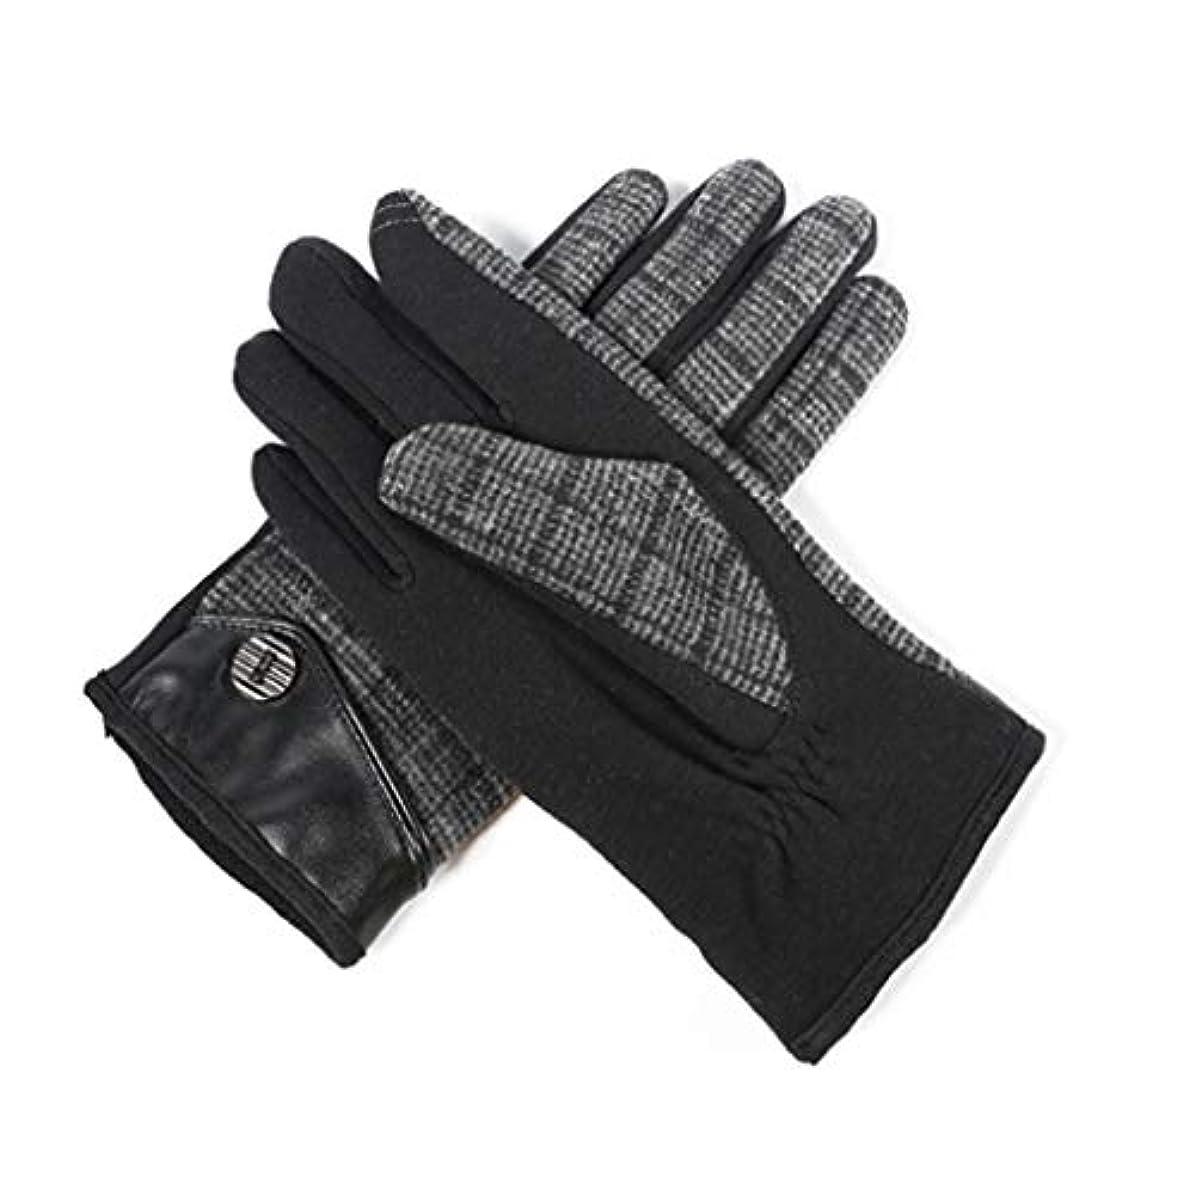 東方冗長化合物暖かいメンズサイクリング用手袋を保つための男性用手袋プラスベルベットの秋冬用手袋